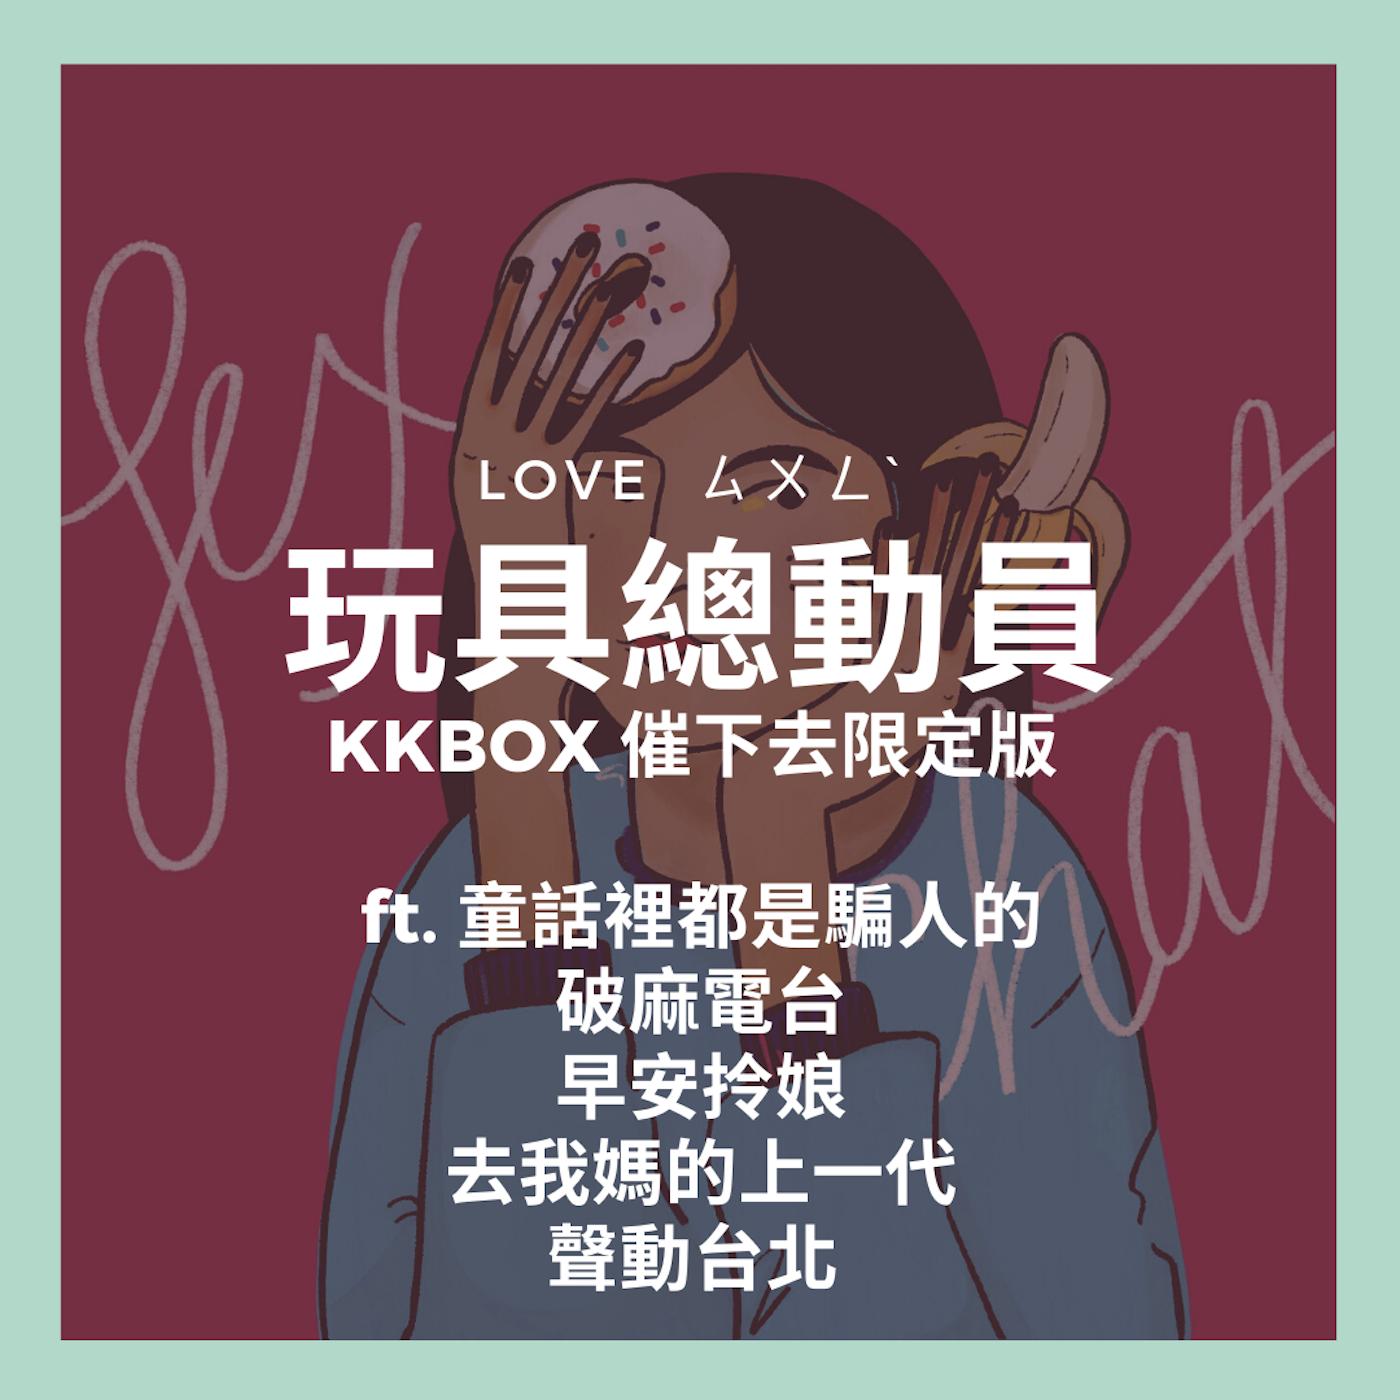 玩具總動員 LOVE ㄙㄨㄥˋ!KKBOX 催下去限定版 ft. 童話裡都是騙人的、破麻電台、早安拎娘、去我媽的上一代、聲動台北